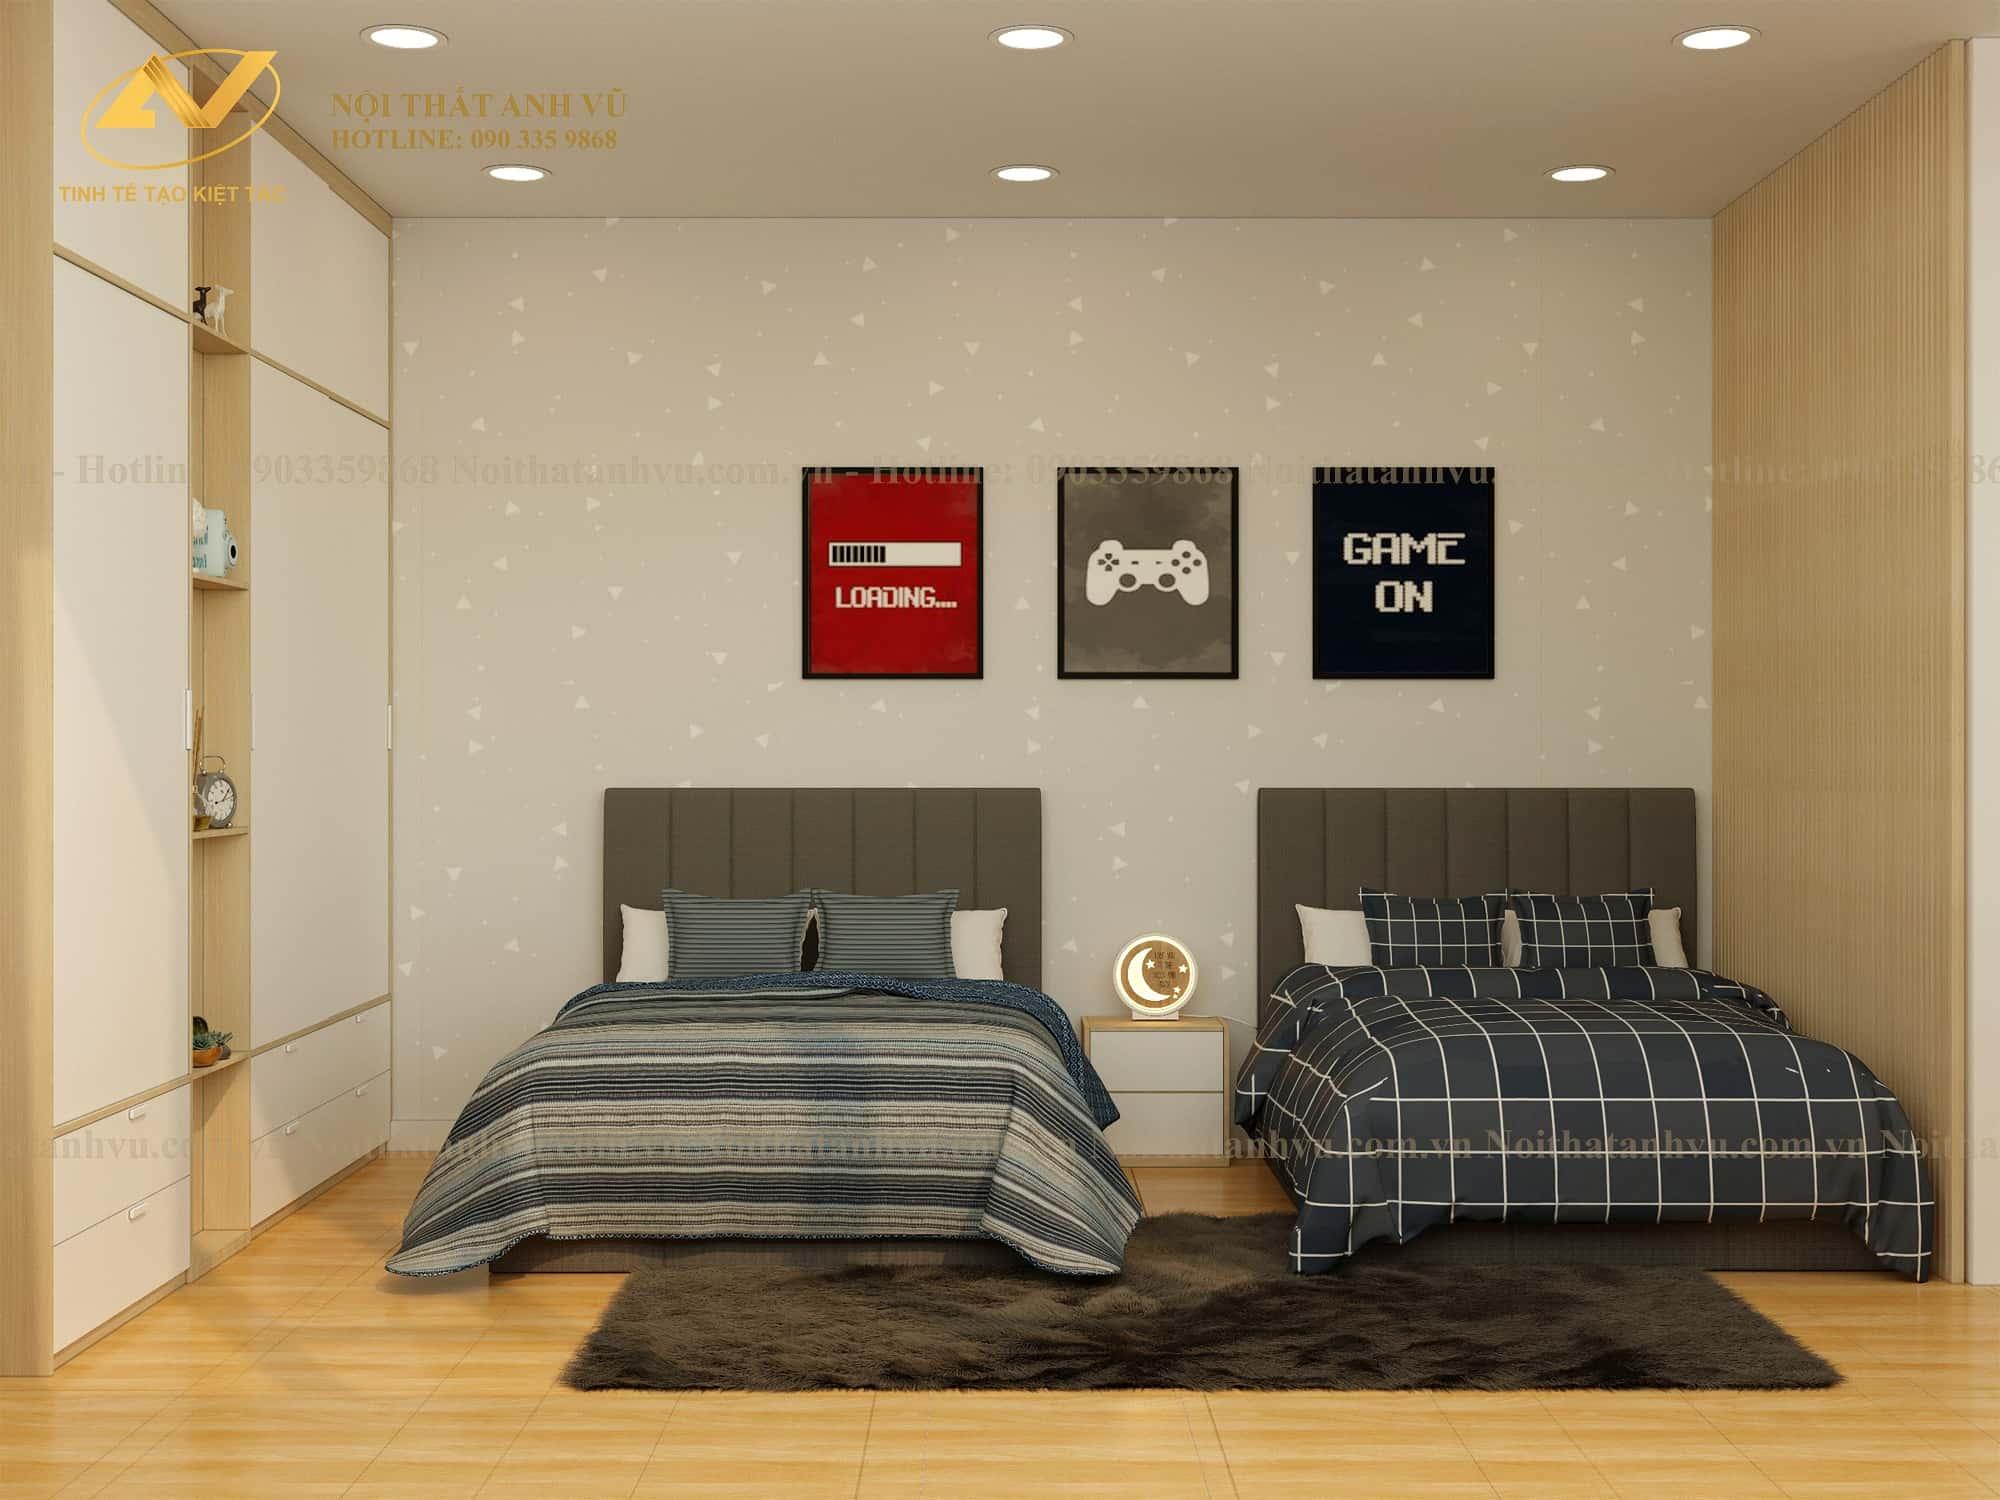 Nội thất phòng ngủ hiện đại Mr. Luật - Nội thất Anh Vũ